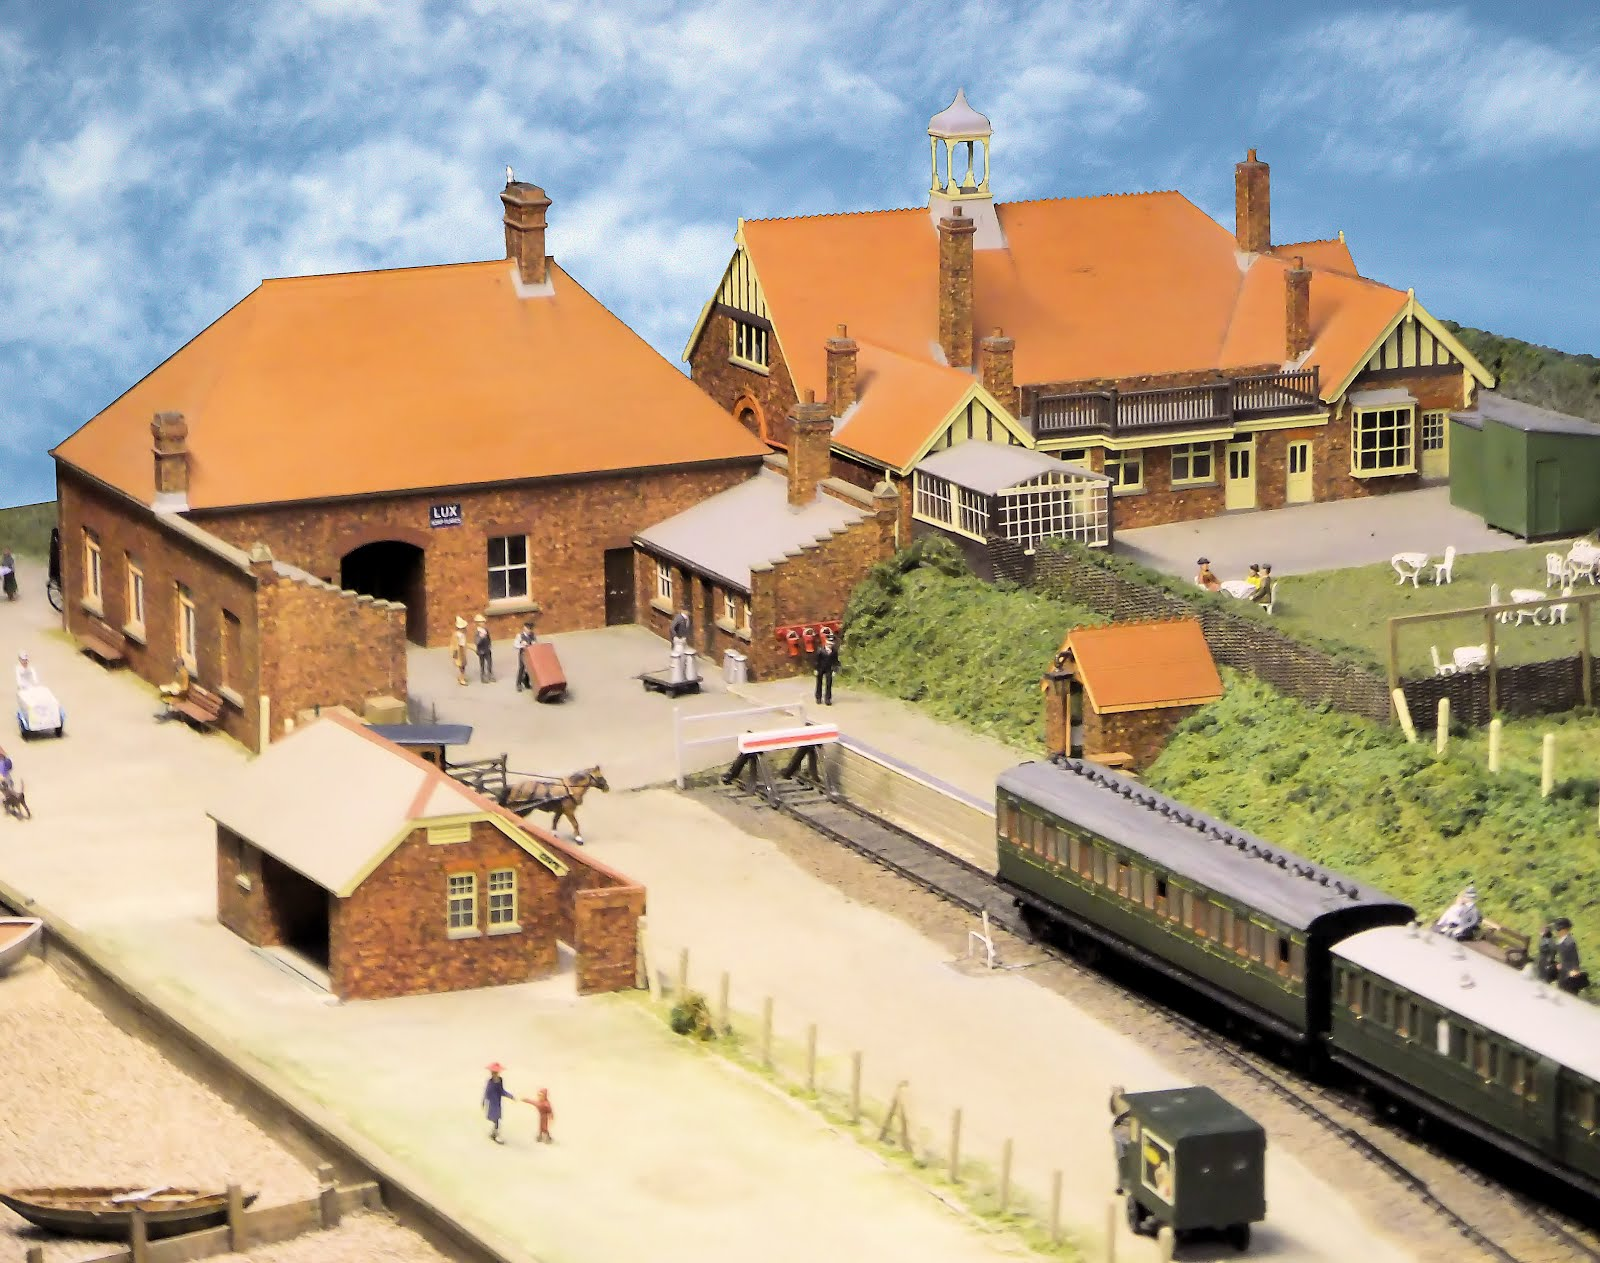 Model of Lee station